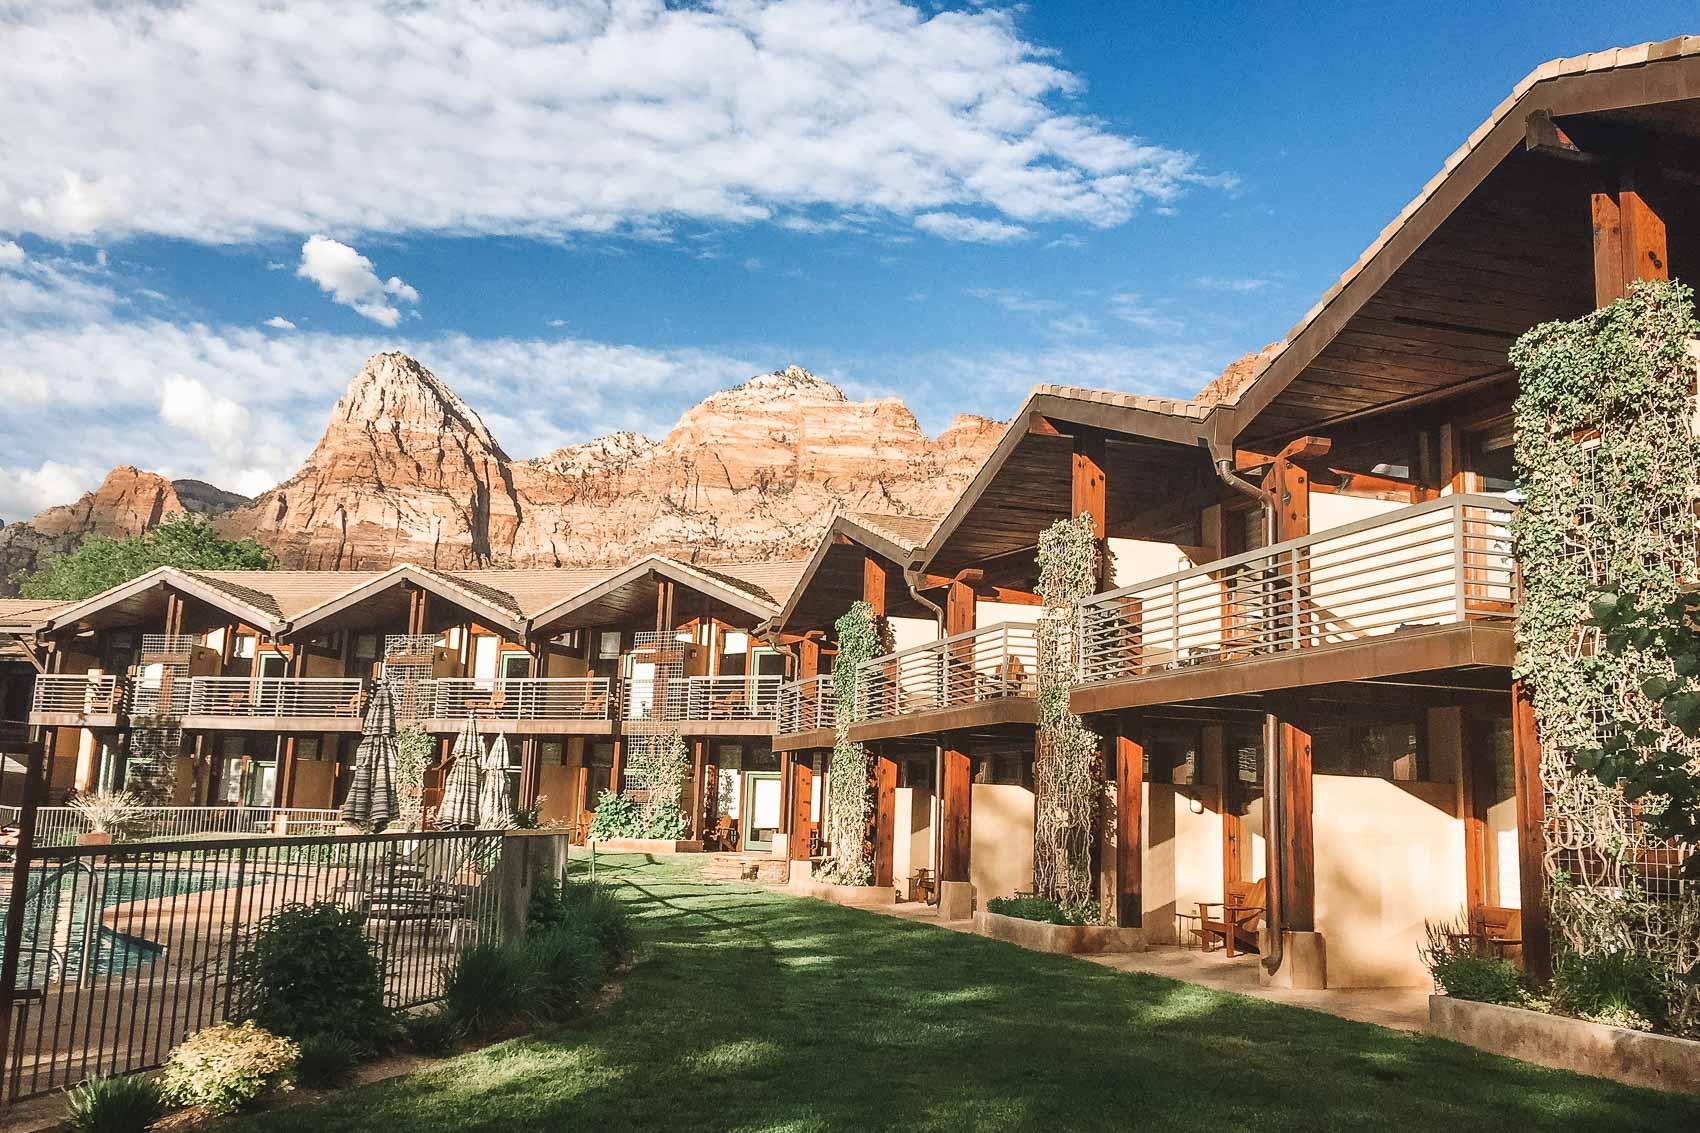 Desert Pearl Inn near Zion National Park in Utah - bucket list travel